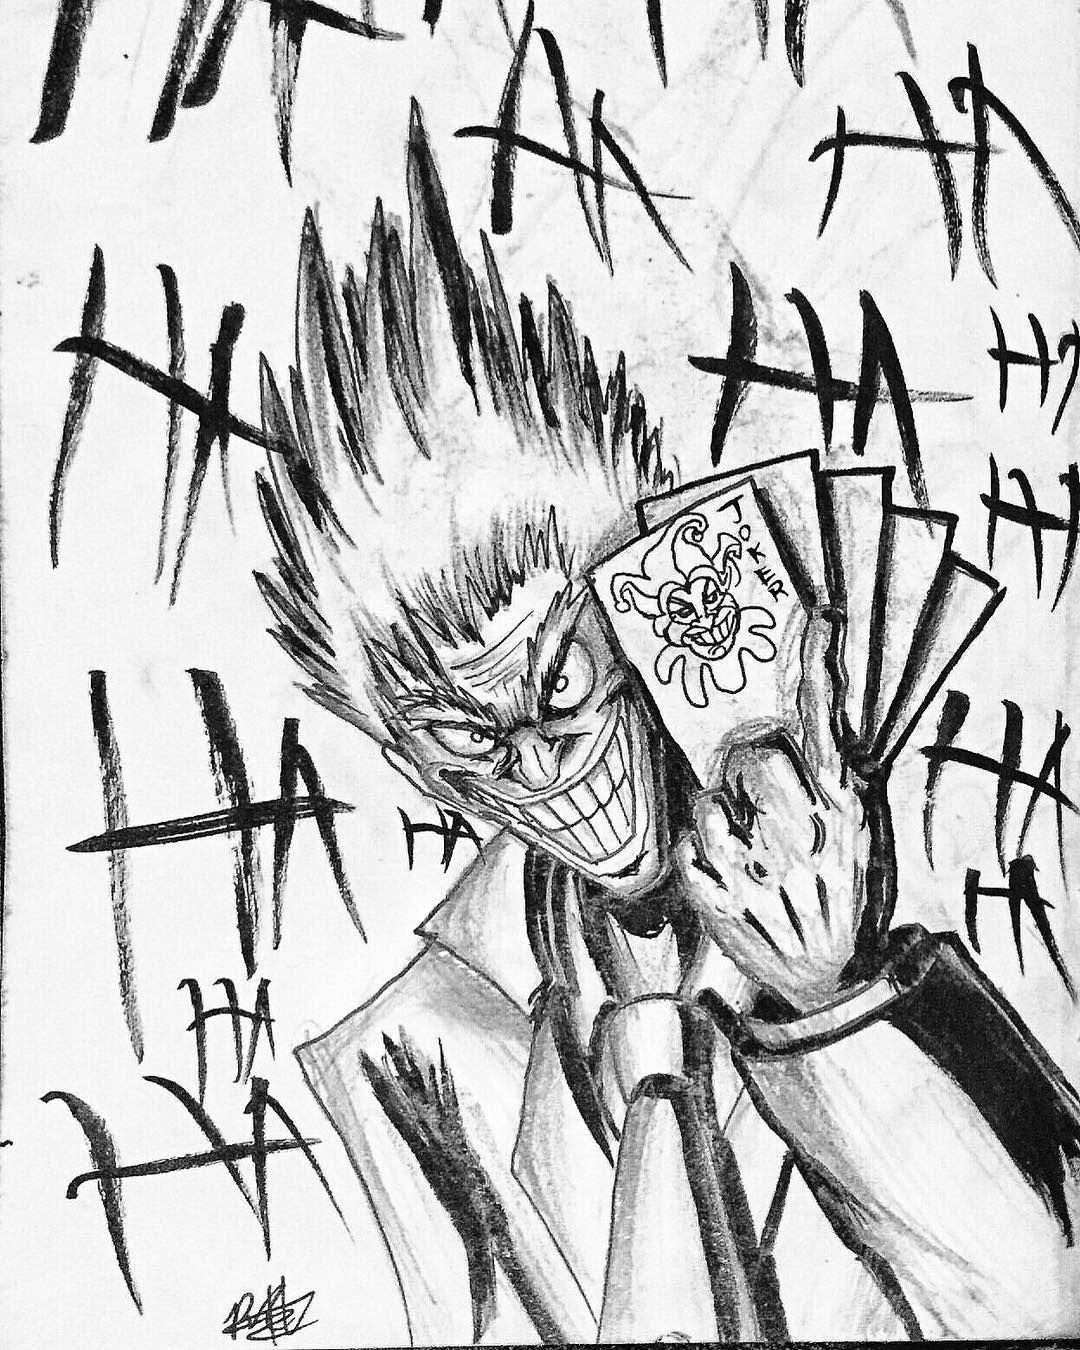 1080x1350 Sketch (No Tan) Diario Joker